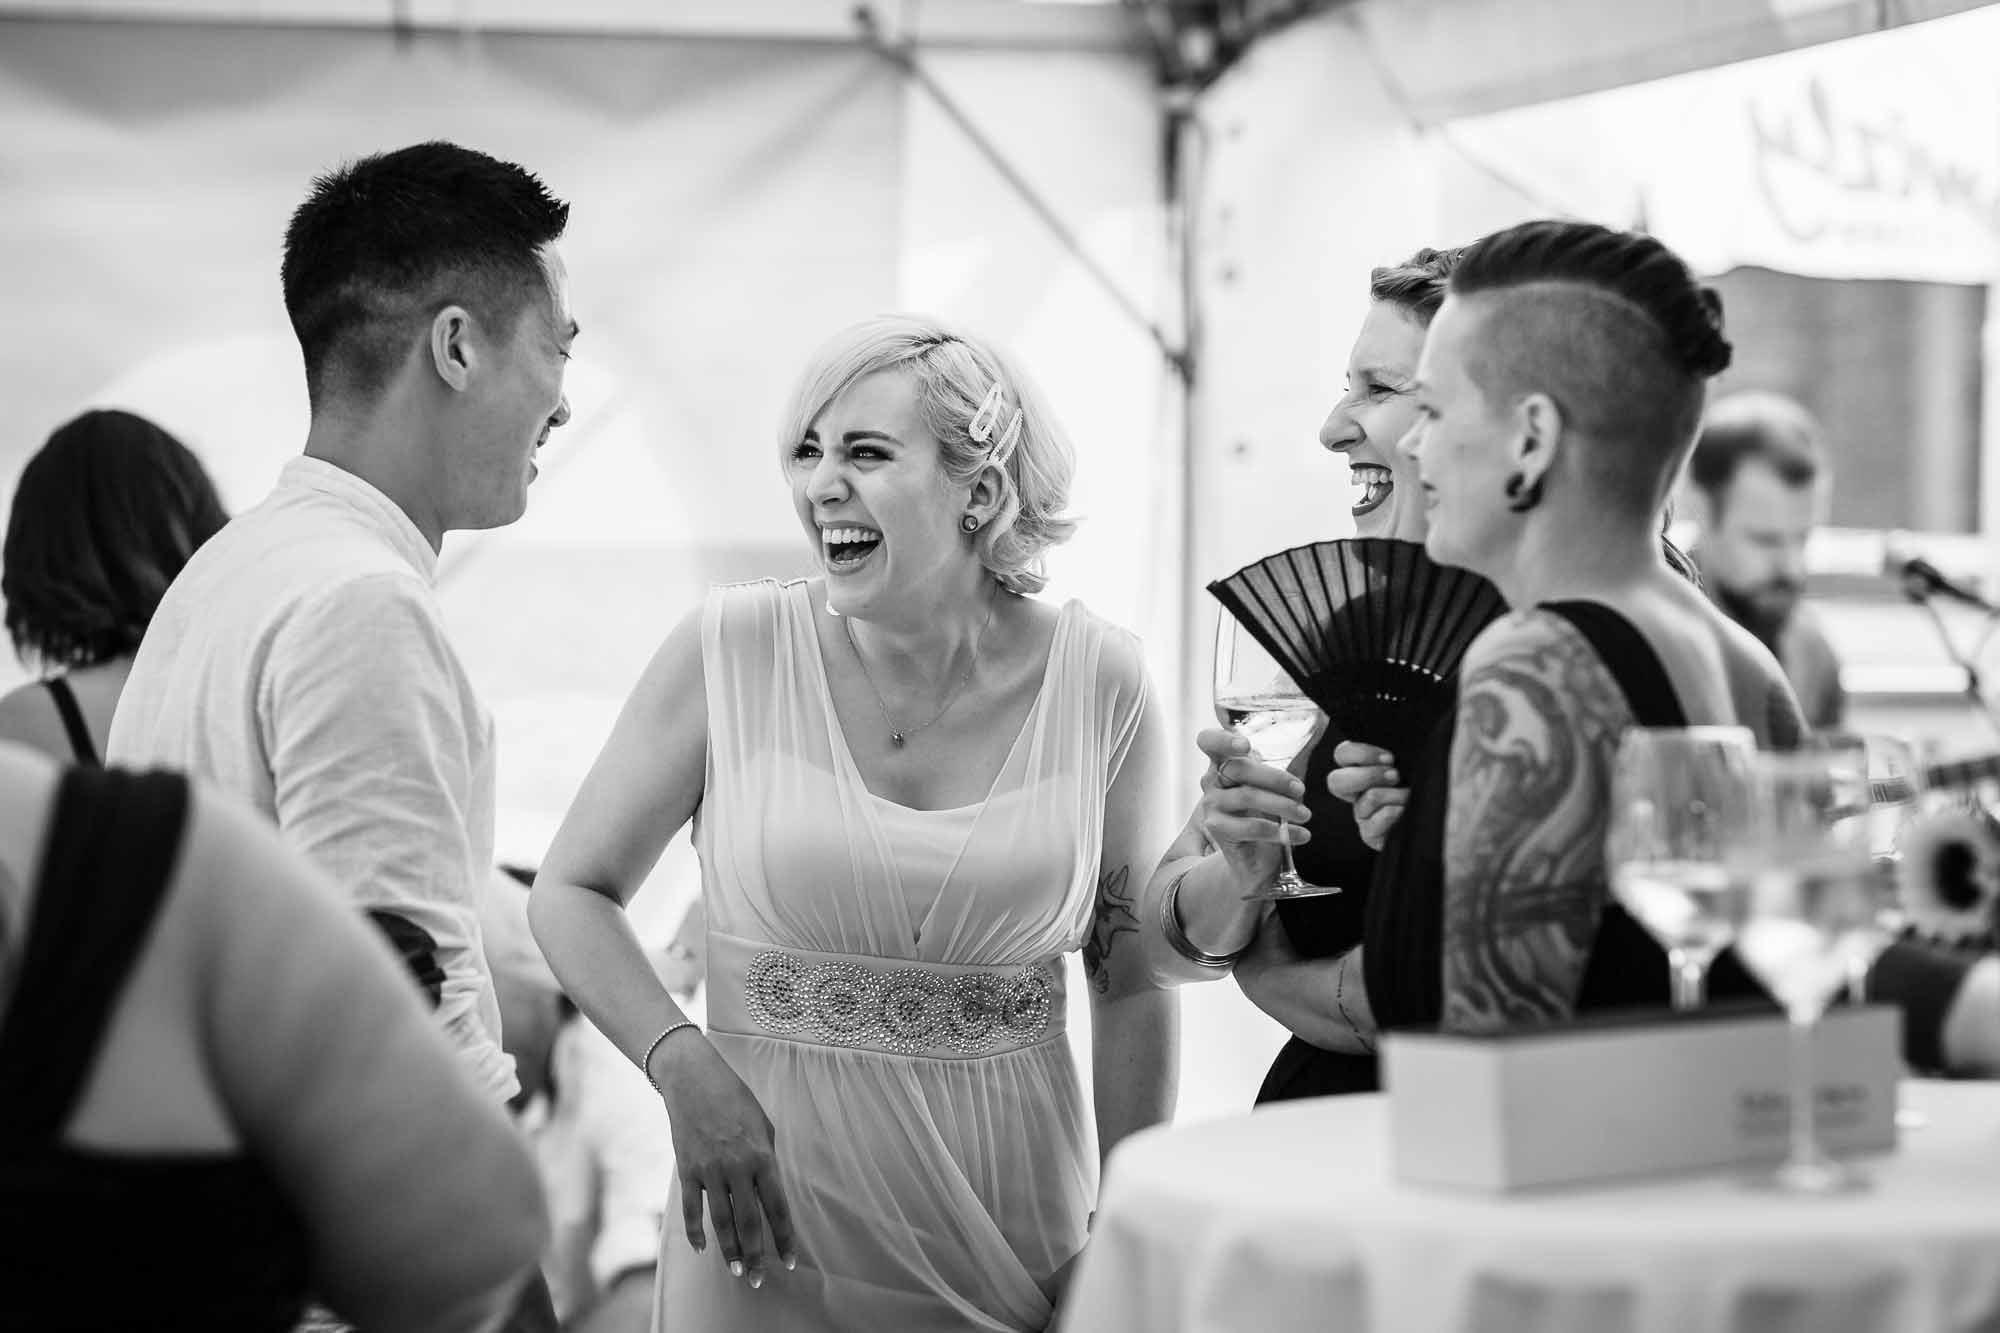 Gäste lachen beim Apéro